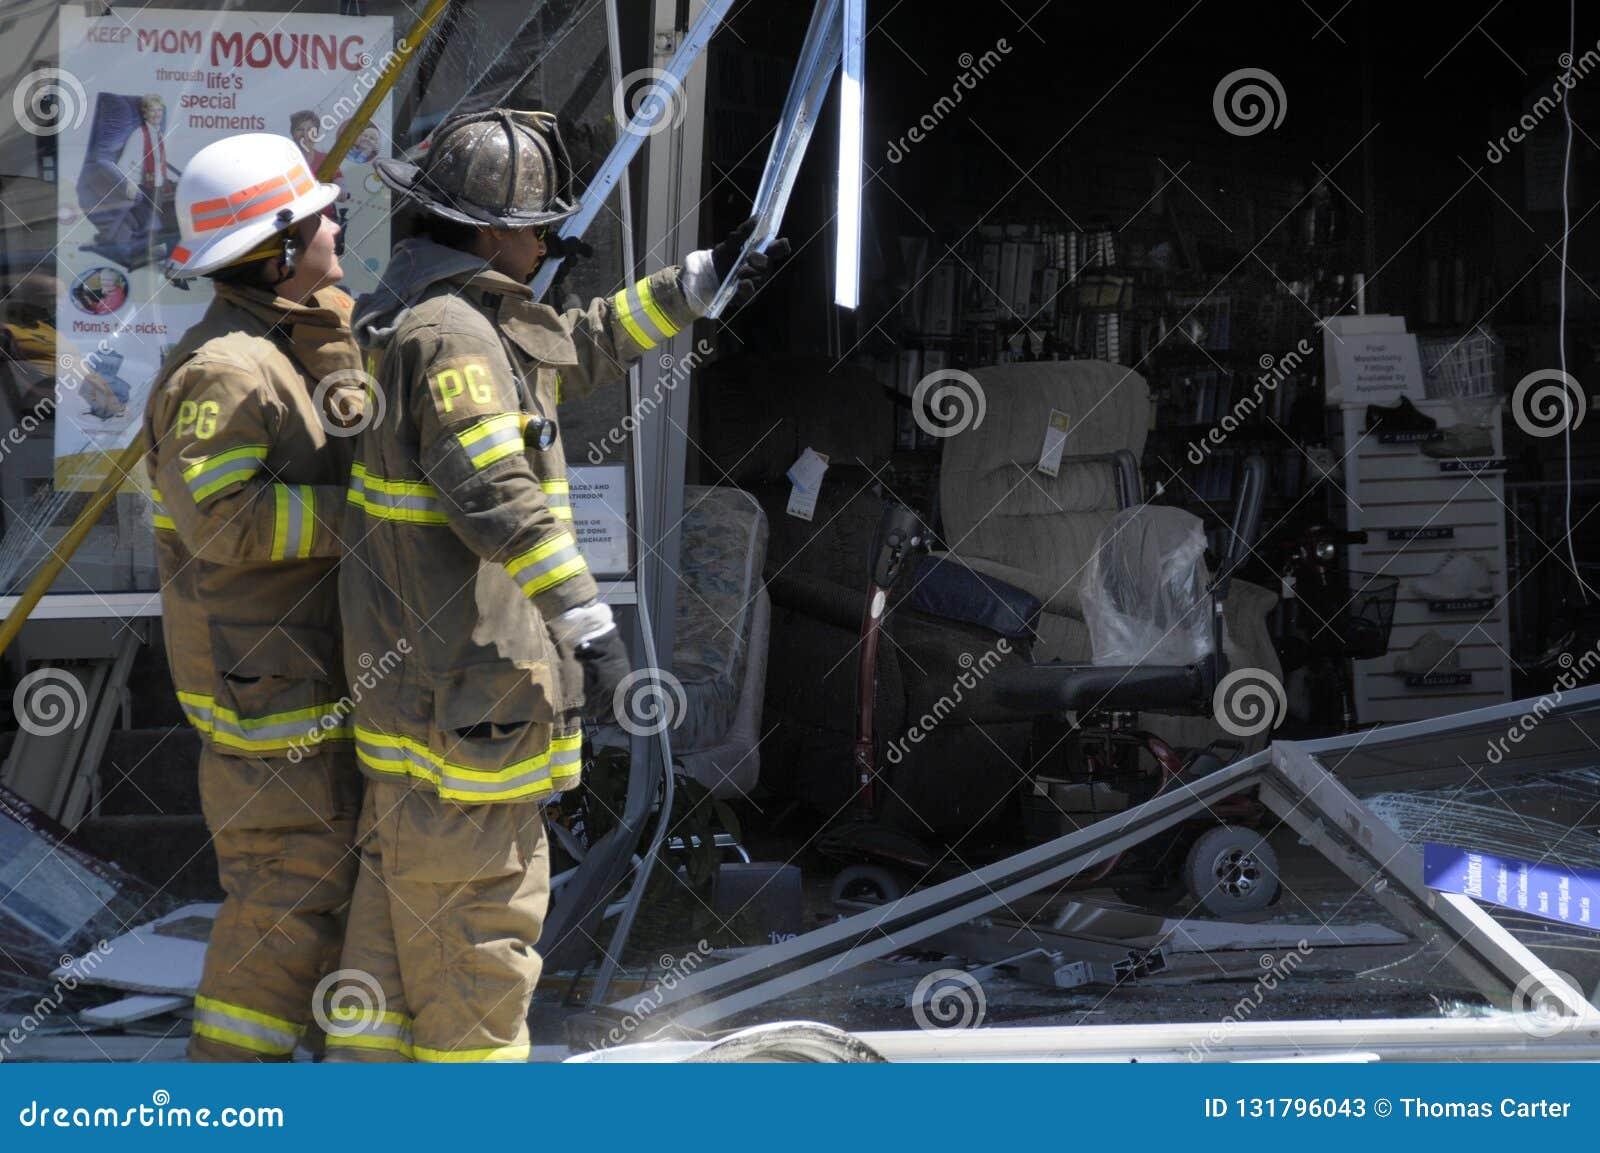 Los bomberos miran el daño hecho cuando un coche condujo en una tienda del suministro médico adentro